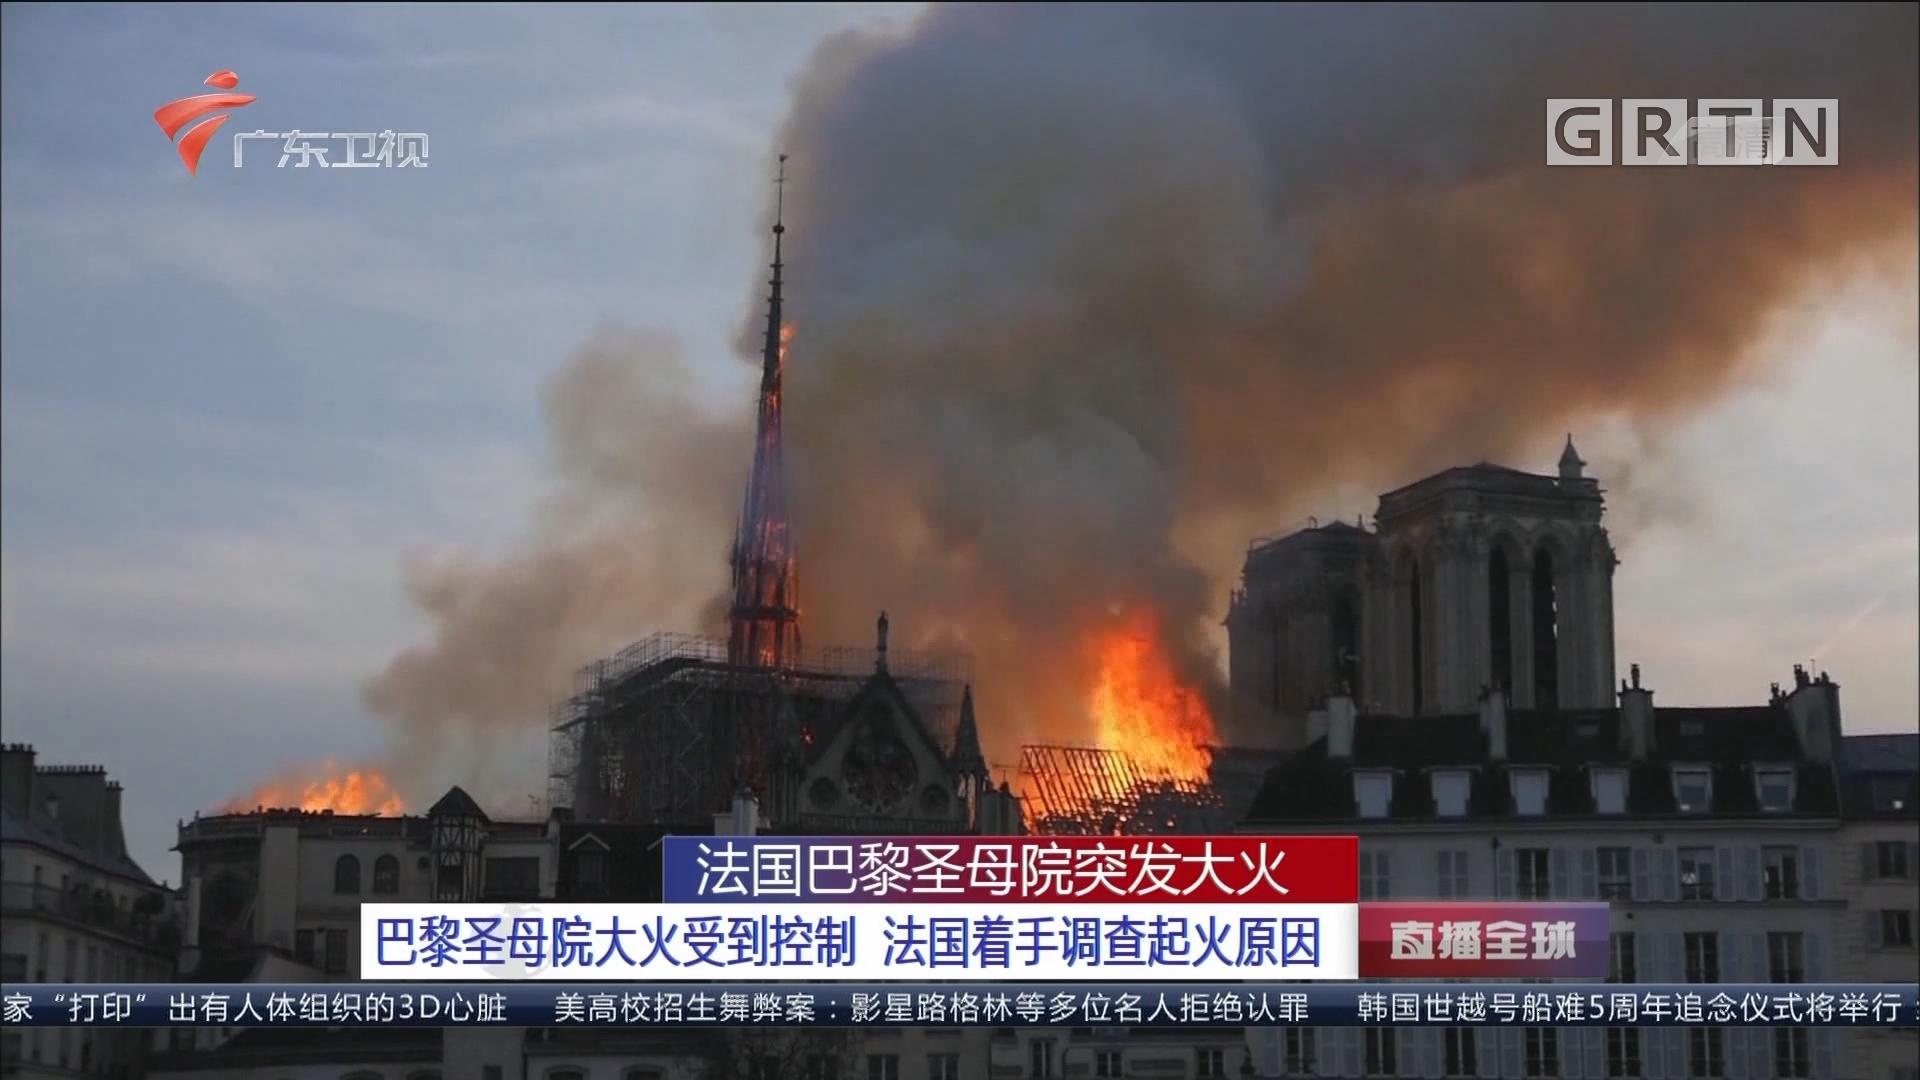 法国巴黎圣母院突发大火:巴黎圣母院大火受到控制 法国着手调查起火原因